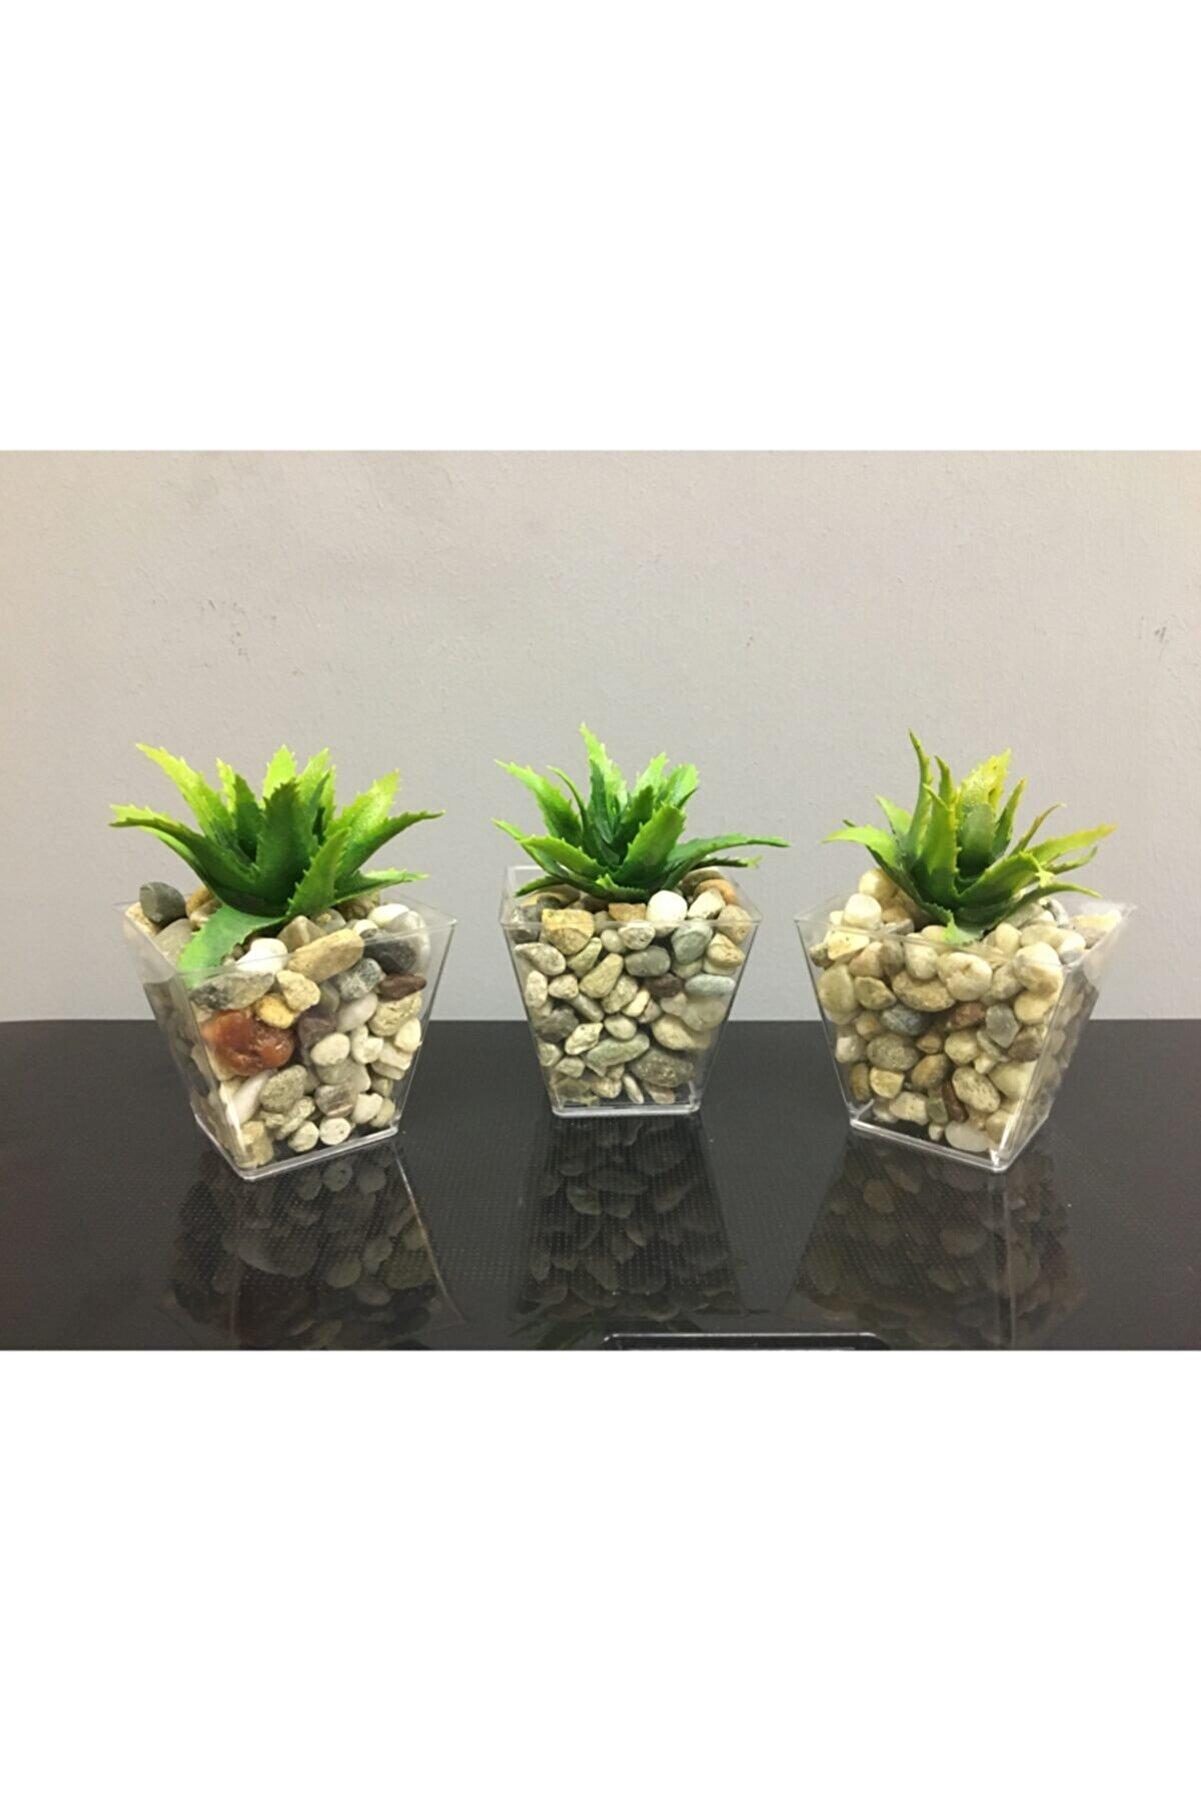 Süs ağacı Sukulent 3'lü Çakıl Saksıda Yapay Sukulent Succulent Yapay Çiçek 6cmx9cm